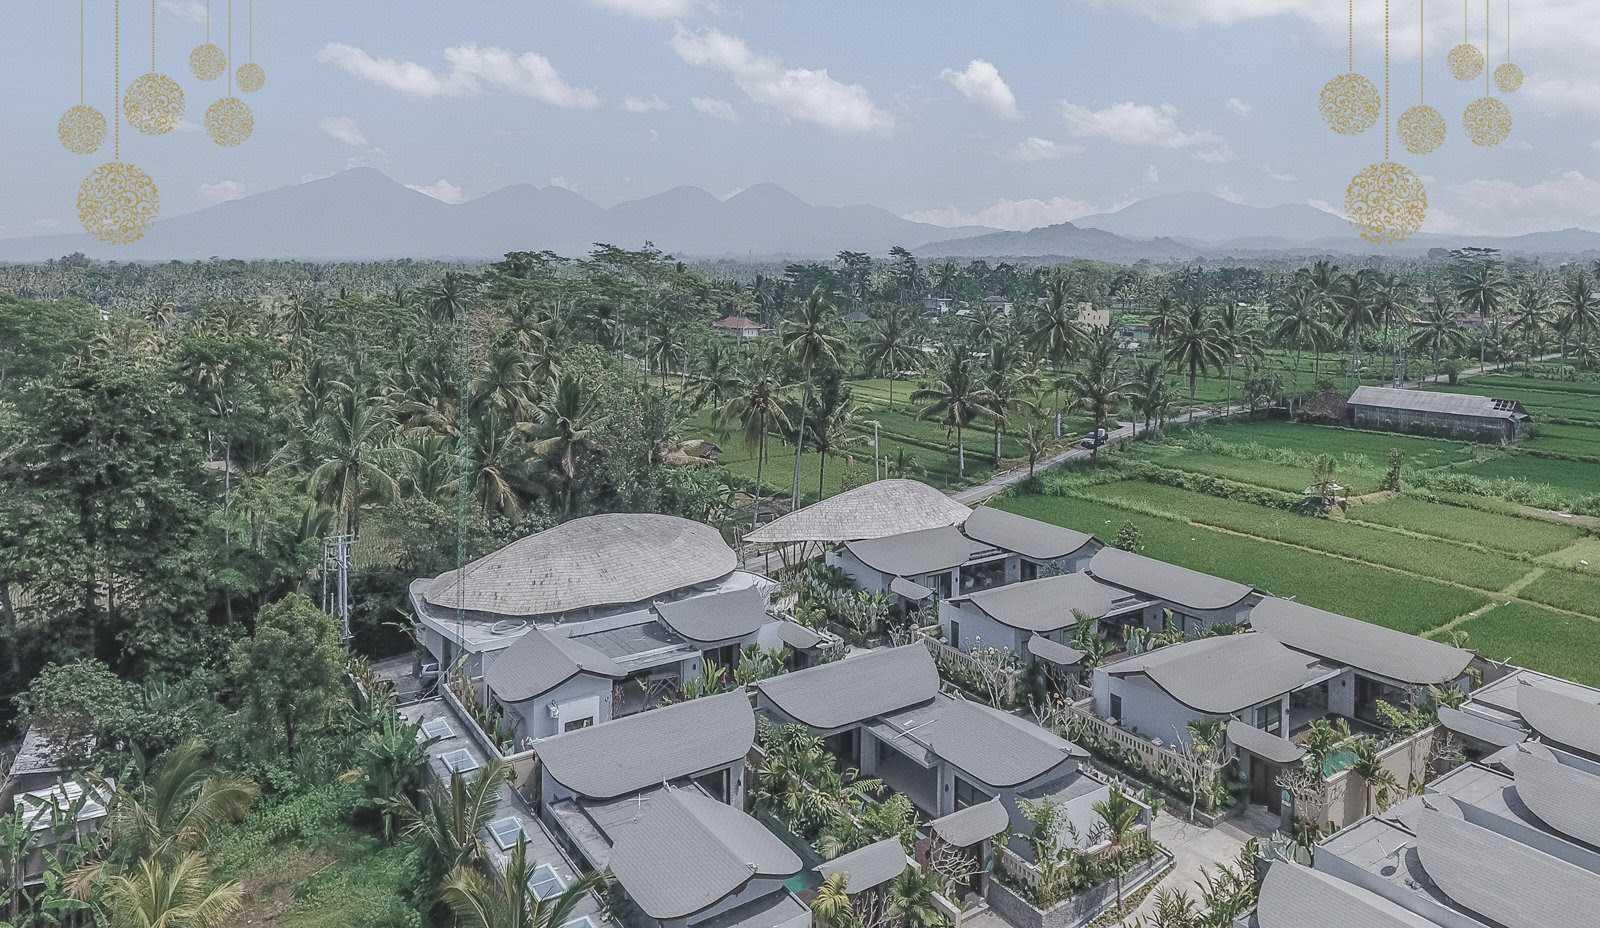 Yohanes Adi Wiyanto Daun Lebar Villa Payangan, Kabupaten Gianyar, Bali, Indonesia Payangan, Kabupaten Gianyar, Bali, Indonesia Yohanes-Adi-Wiyanto-Daun-Lebar-Villa  124717